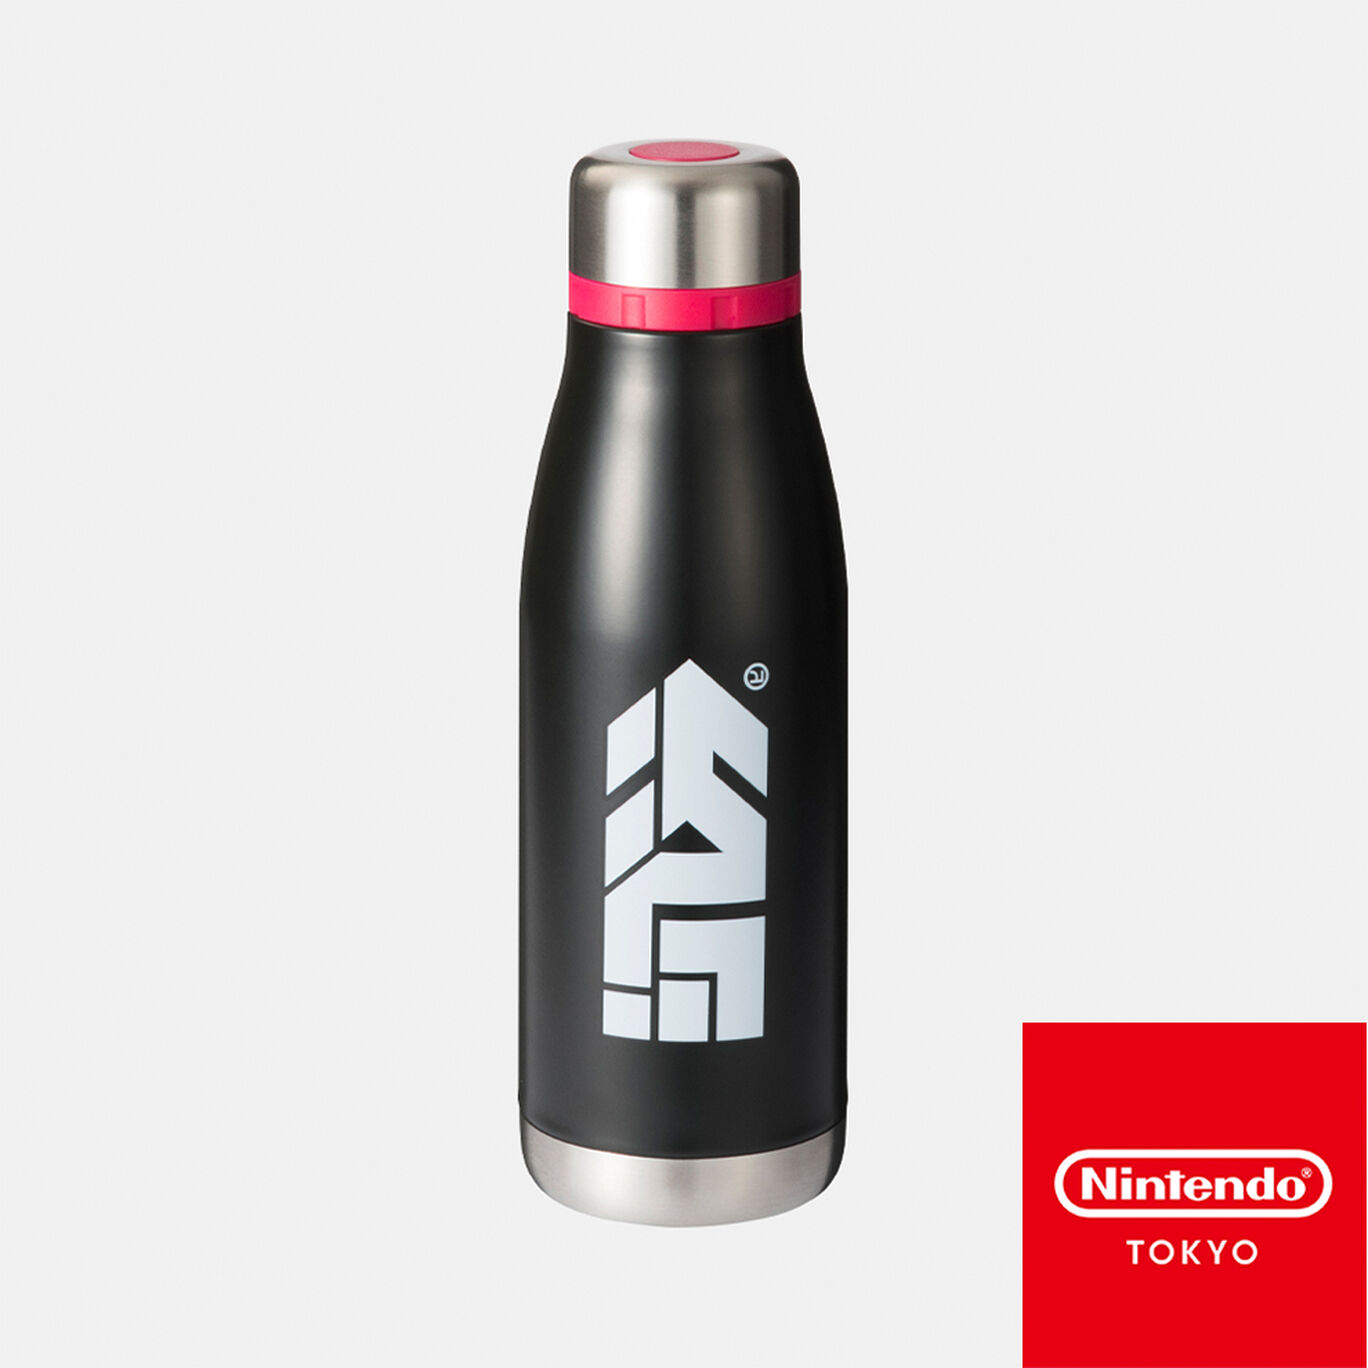 ステンレスボトル CROSSING SPLATOON【Nintendo TOKYO取り扱い商品】